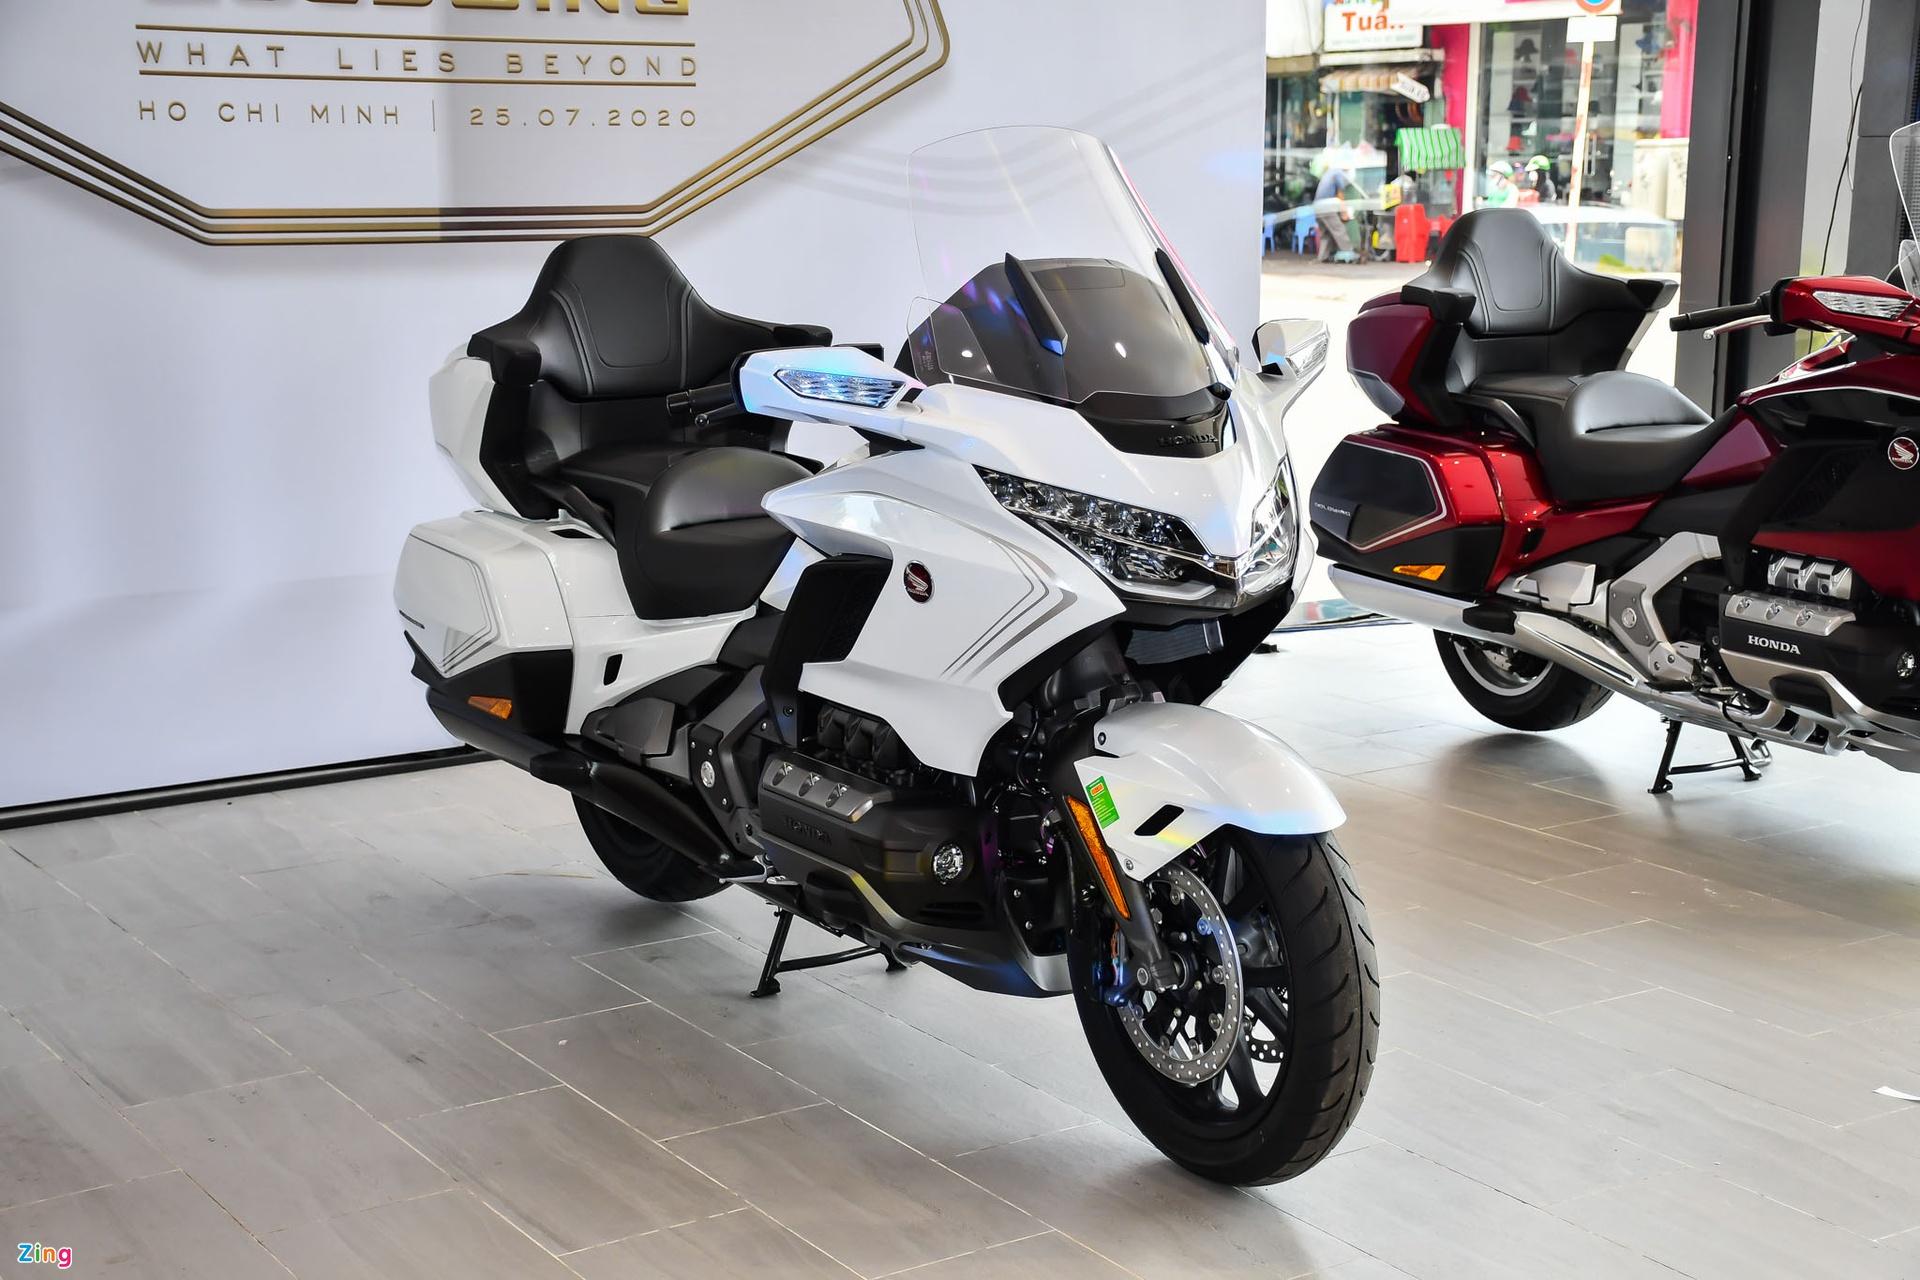 Những mẫu môtô chính hãng đắt nhất Việt Nam - ảnh 6